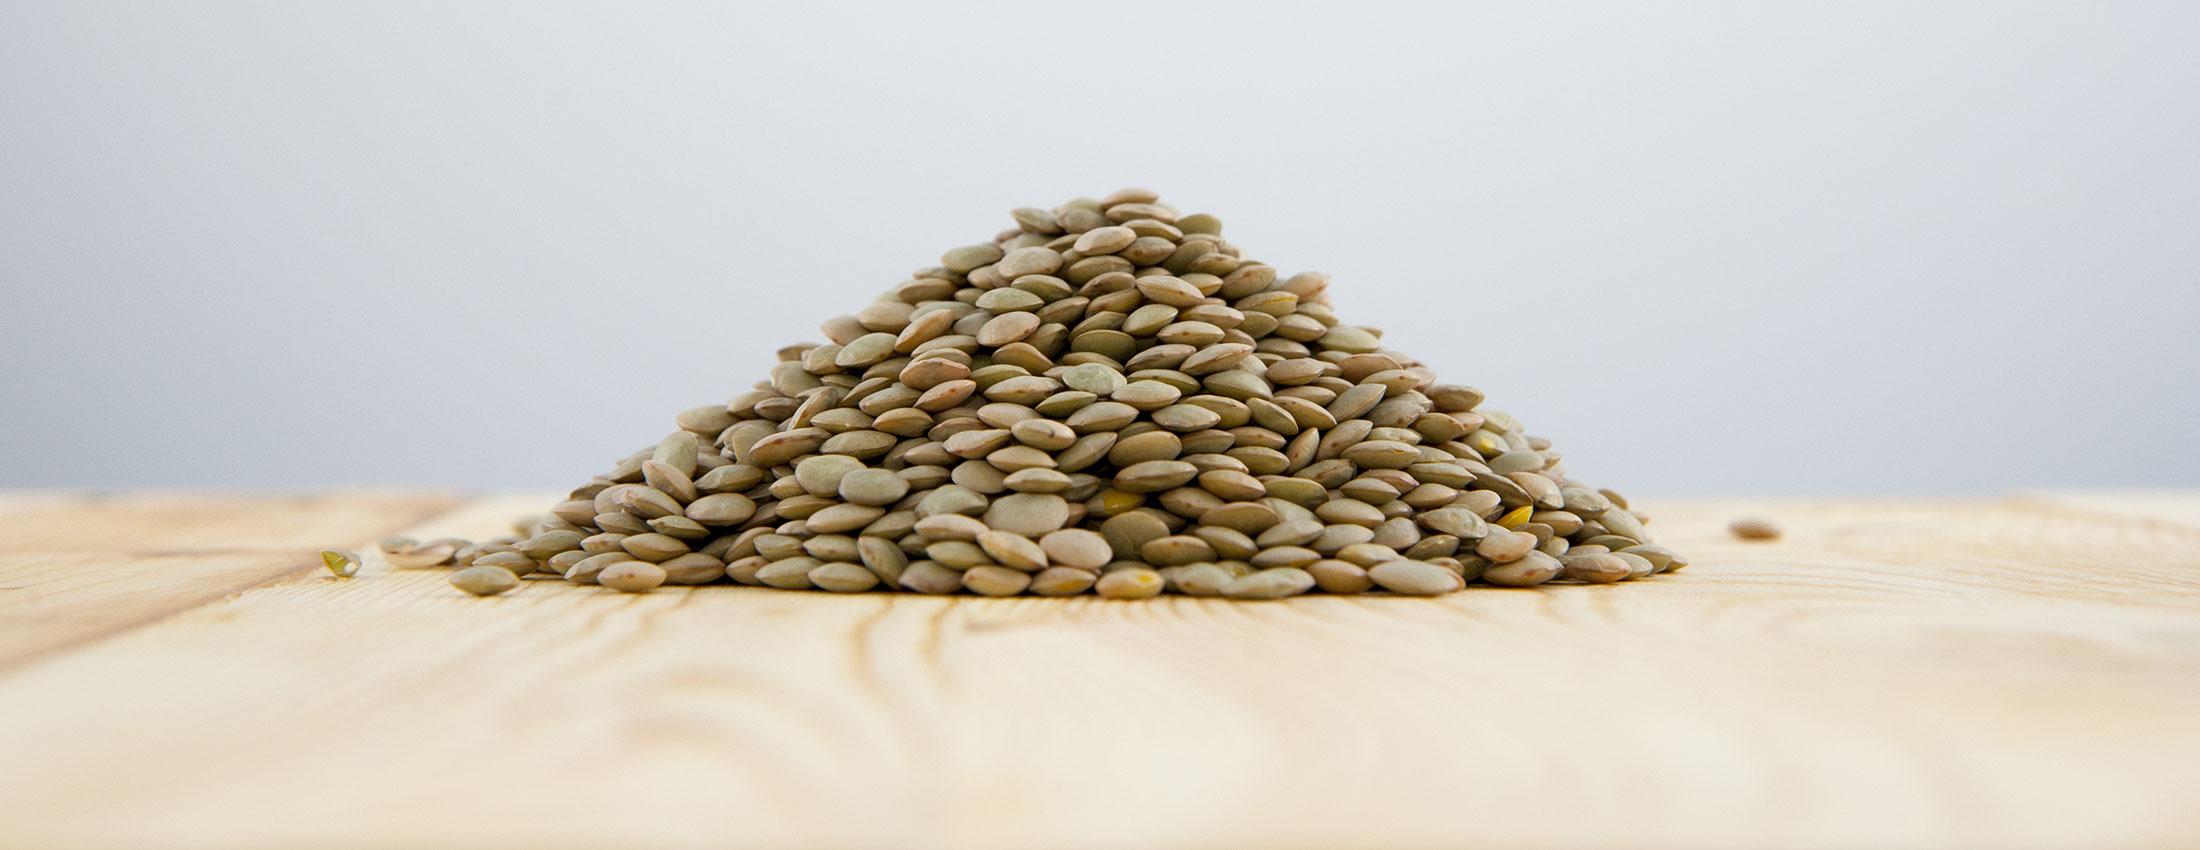 lentilles vertes biologique legumineuses fibres proteines recettes cuisson